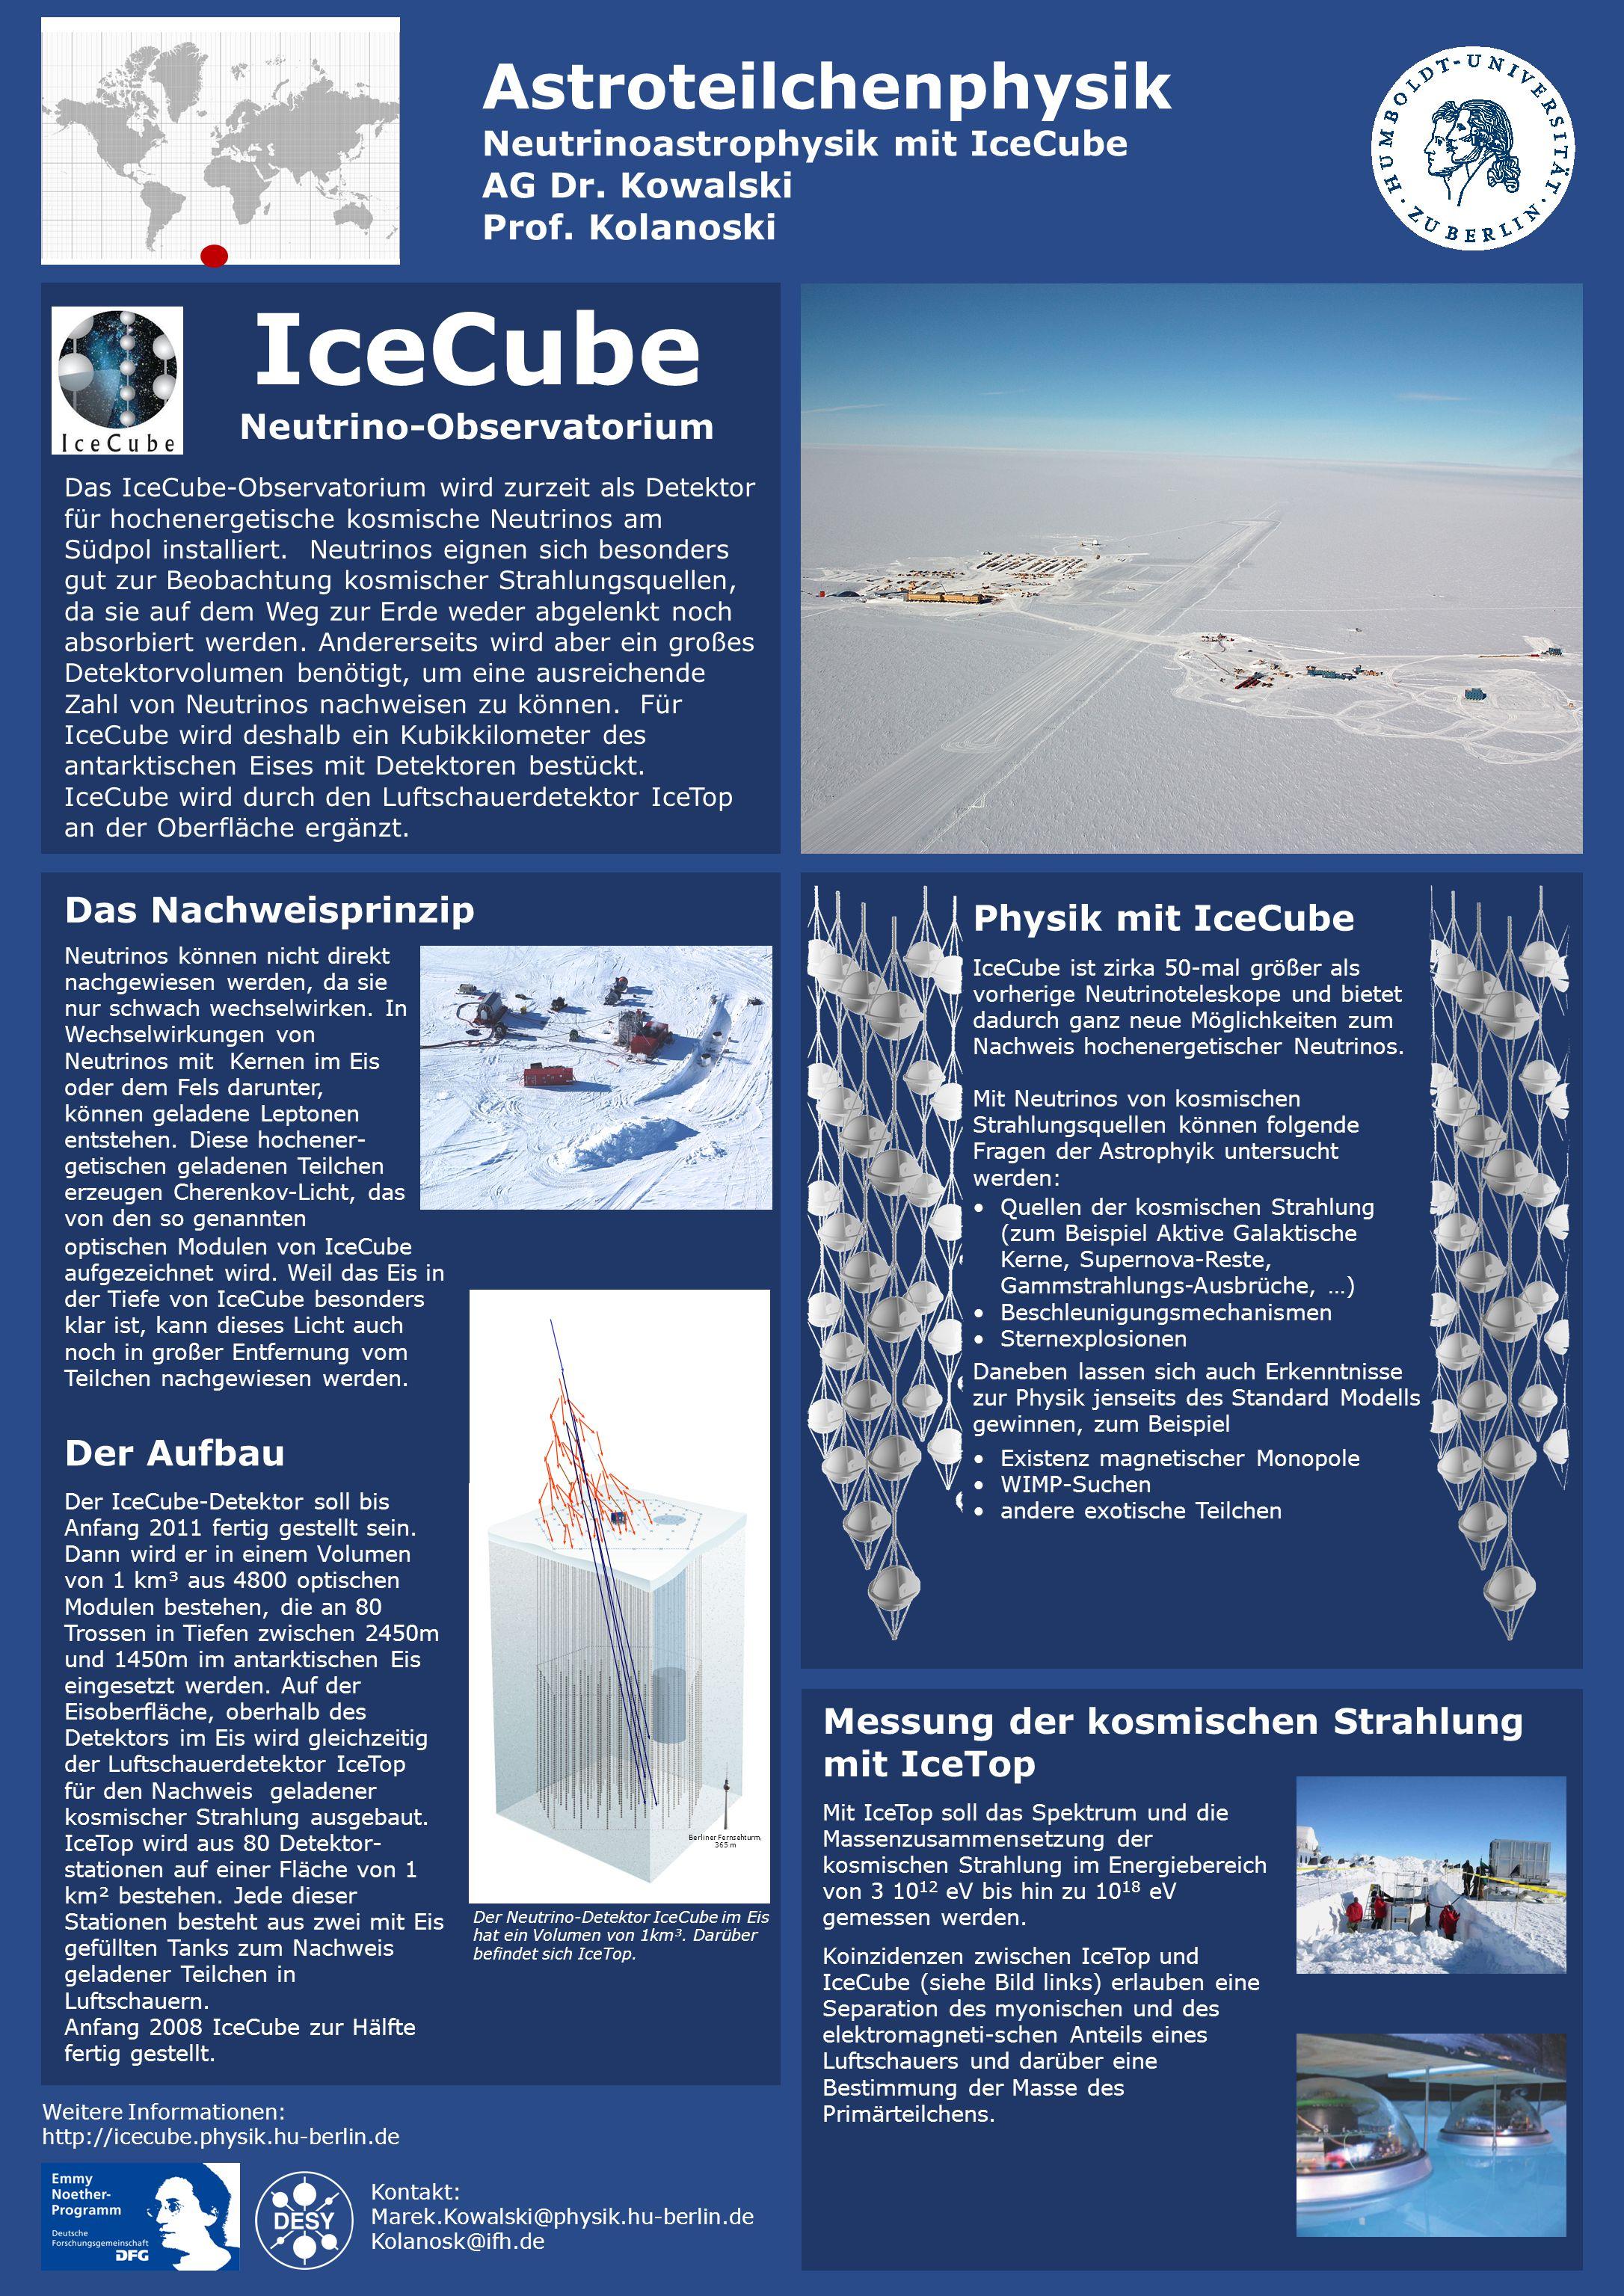 IceCube Neutrino-Observatorium Das IceCube-Observatorium wird zurzeit als Detektor für hochenergetische kosmische Neutrinos am Südpol installiert.